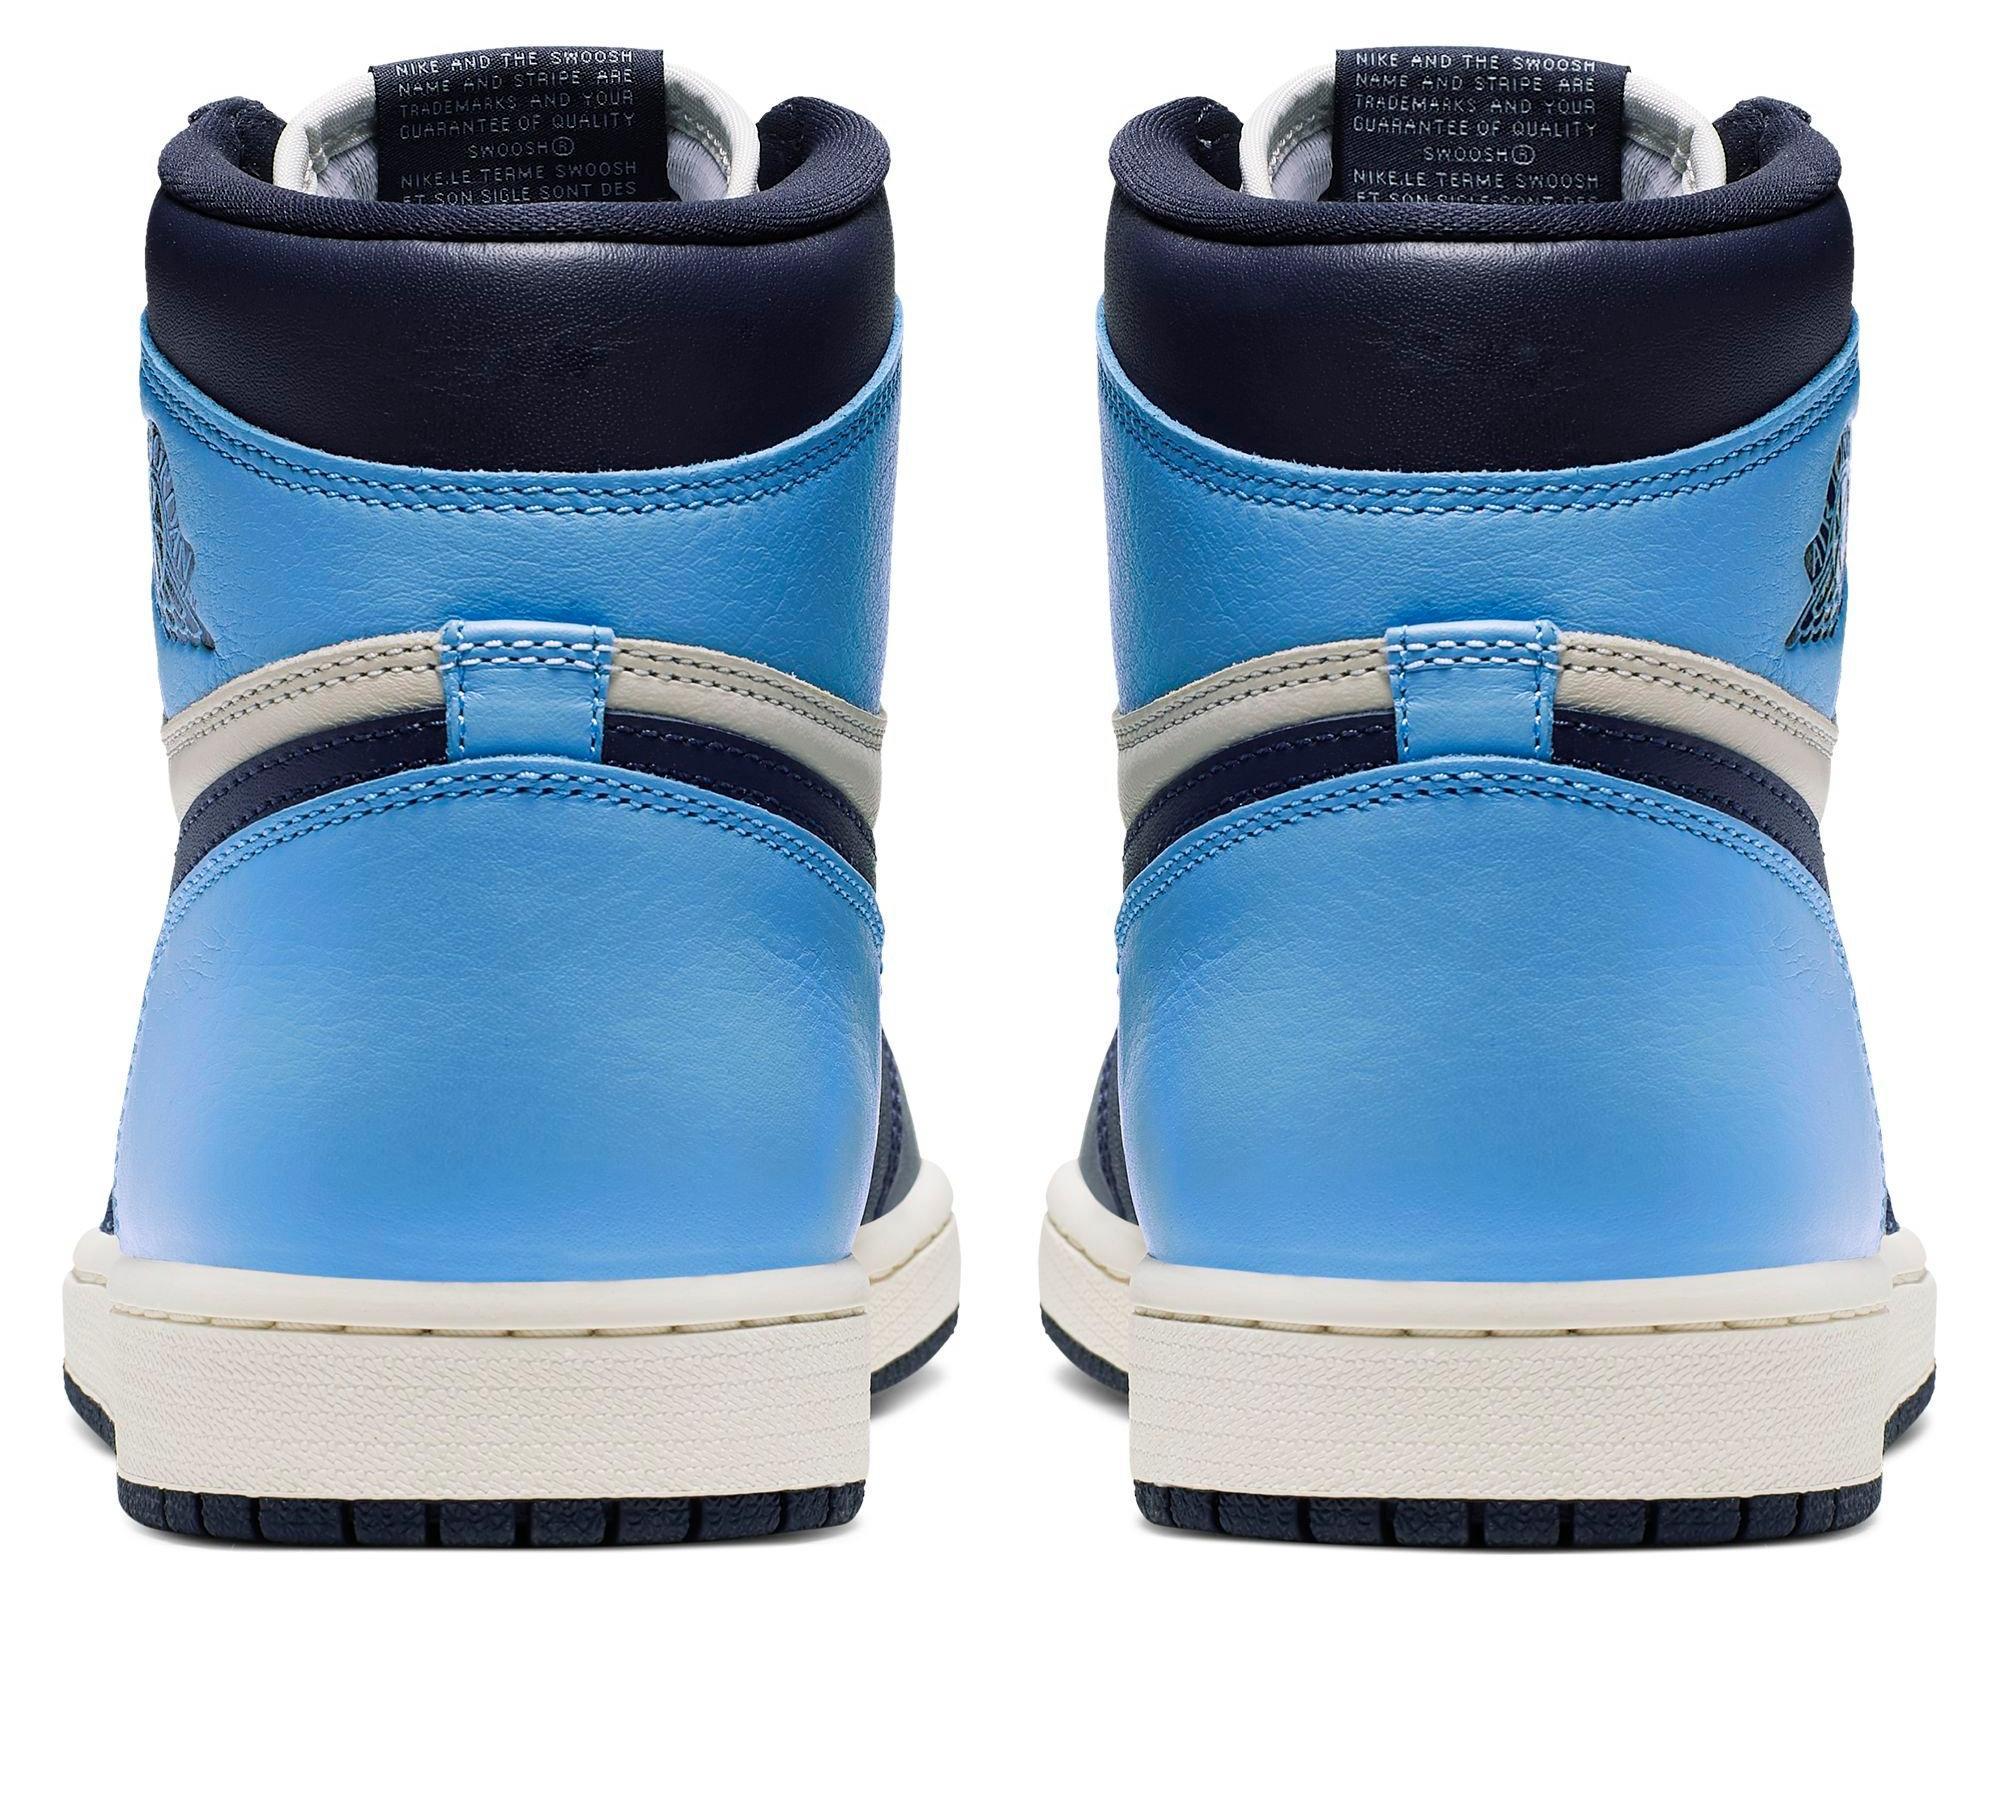 Sneakers Release Air Jordan 1 Retro High Og Obsidian University